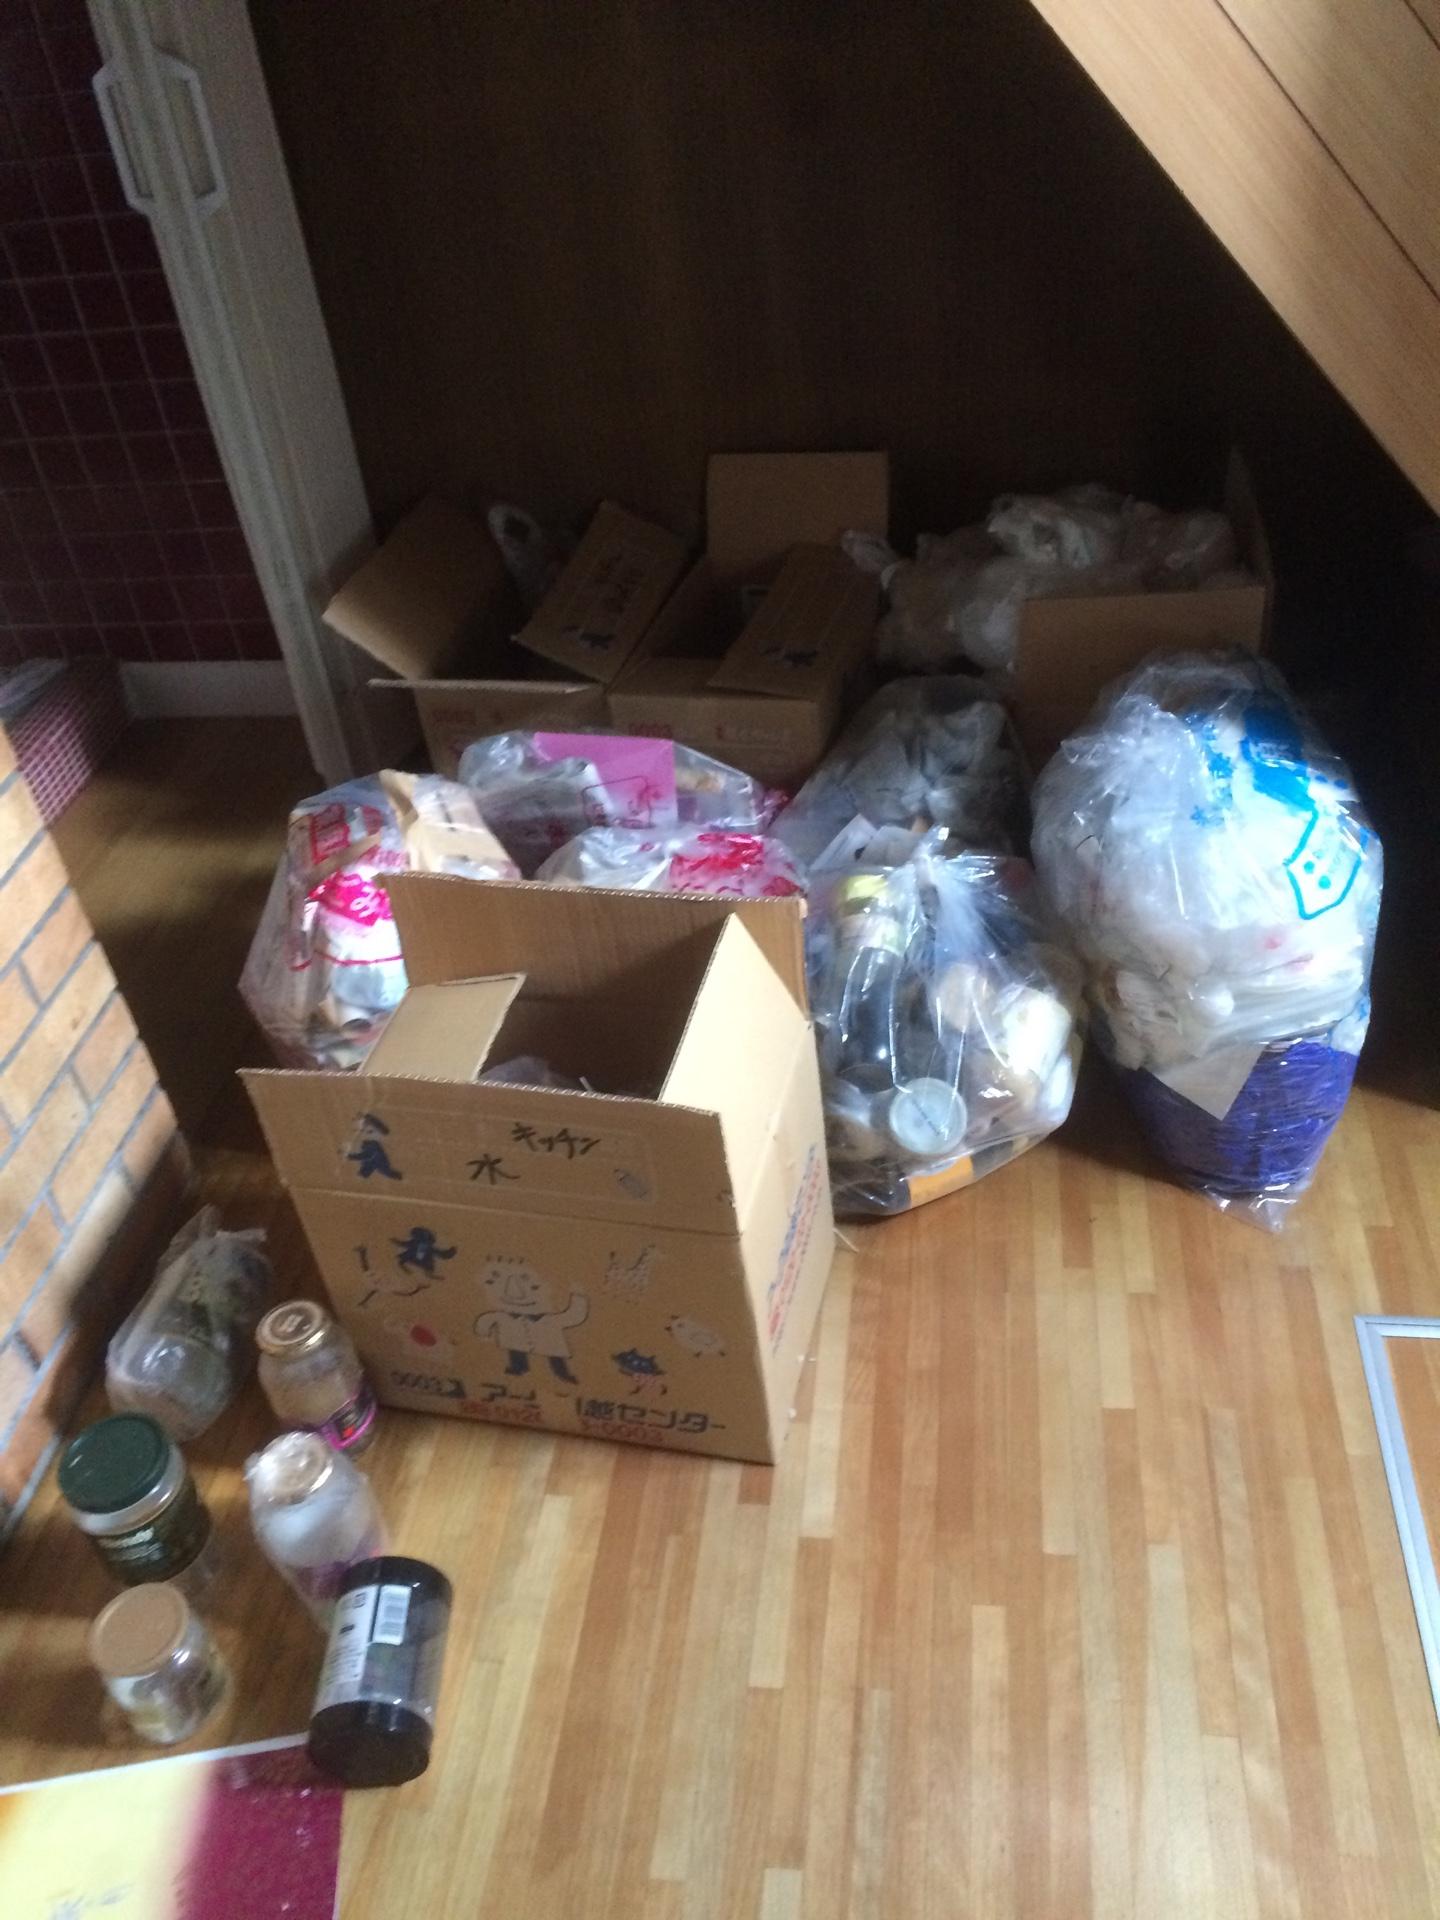 【愛知県名古屋市緑区】お引越し時に要らない物の不用品回収